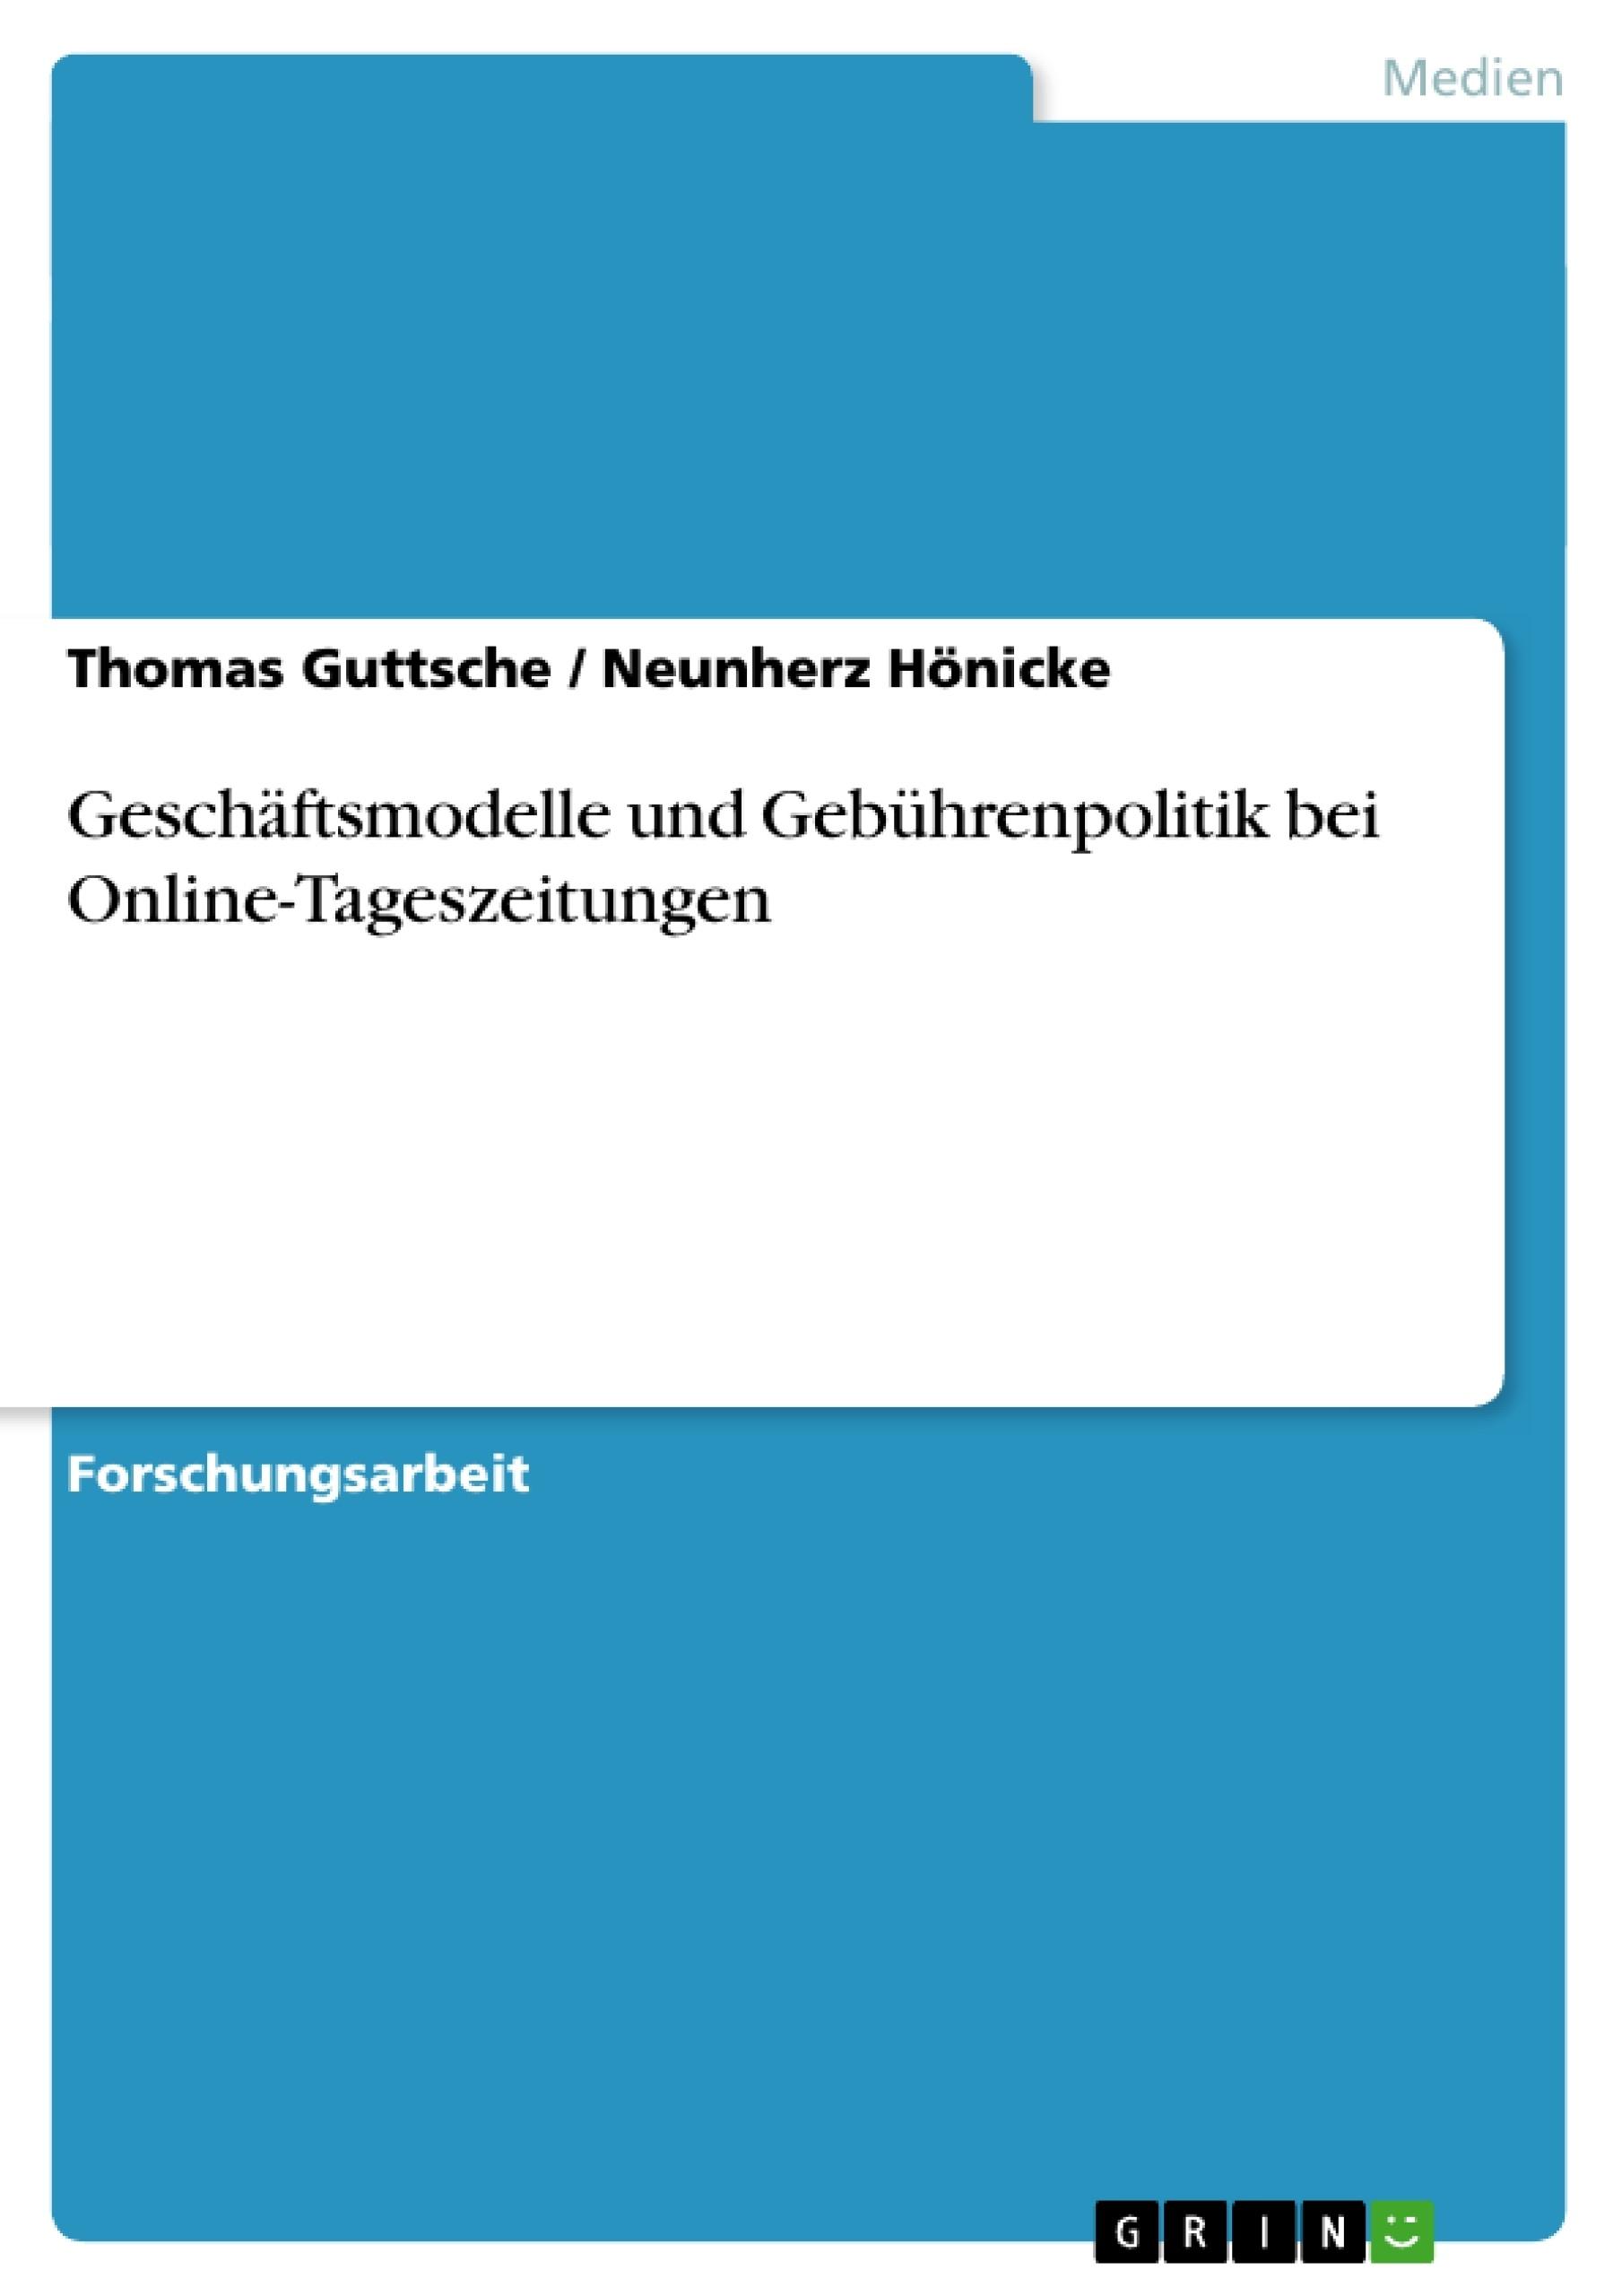 Titel: Geschäftsmodelle und Gebührenpolitik bei Online-Tageszeitungen